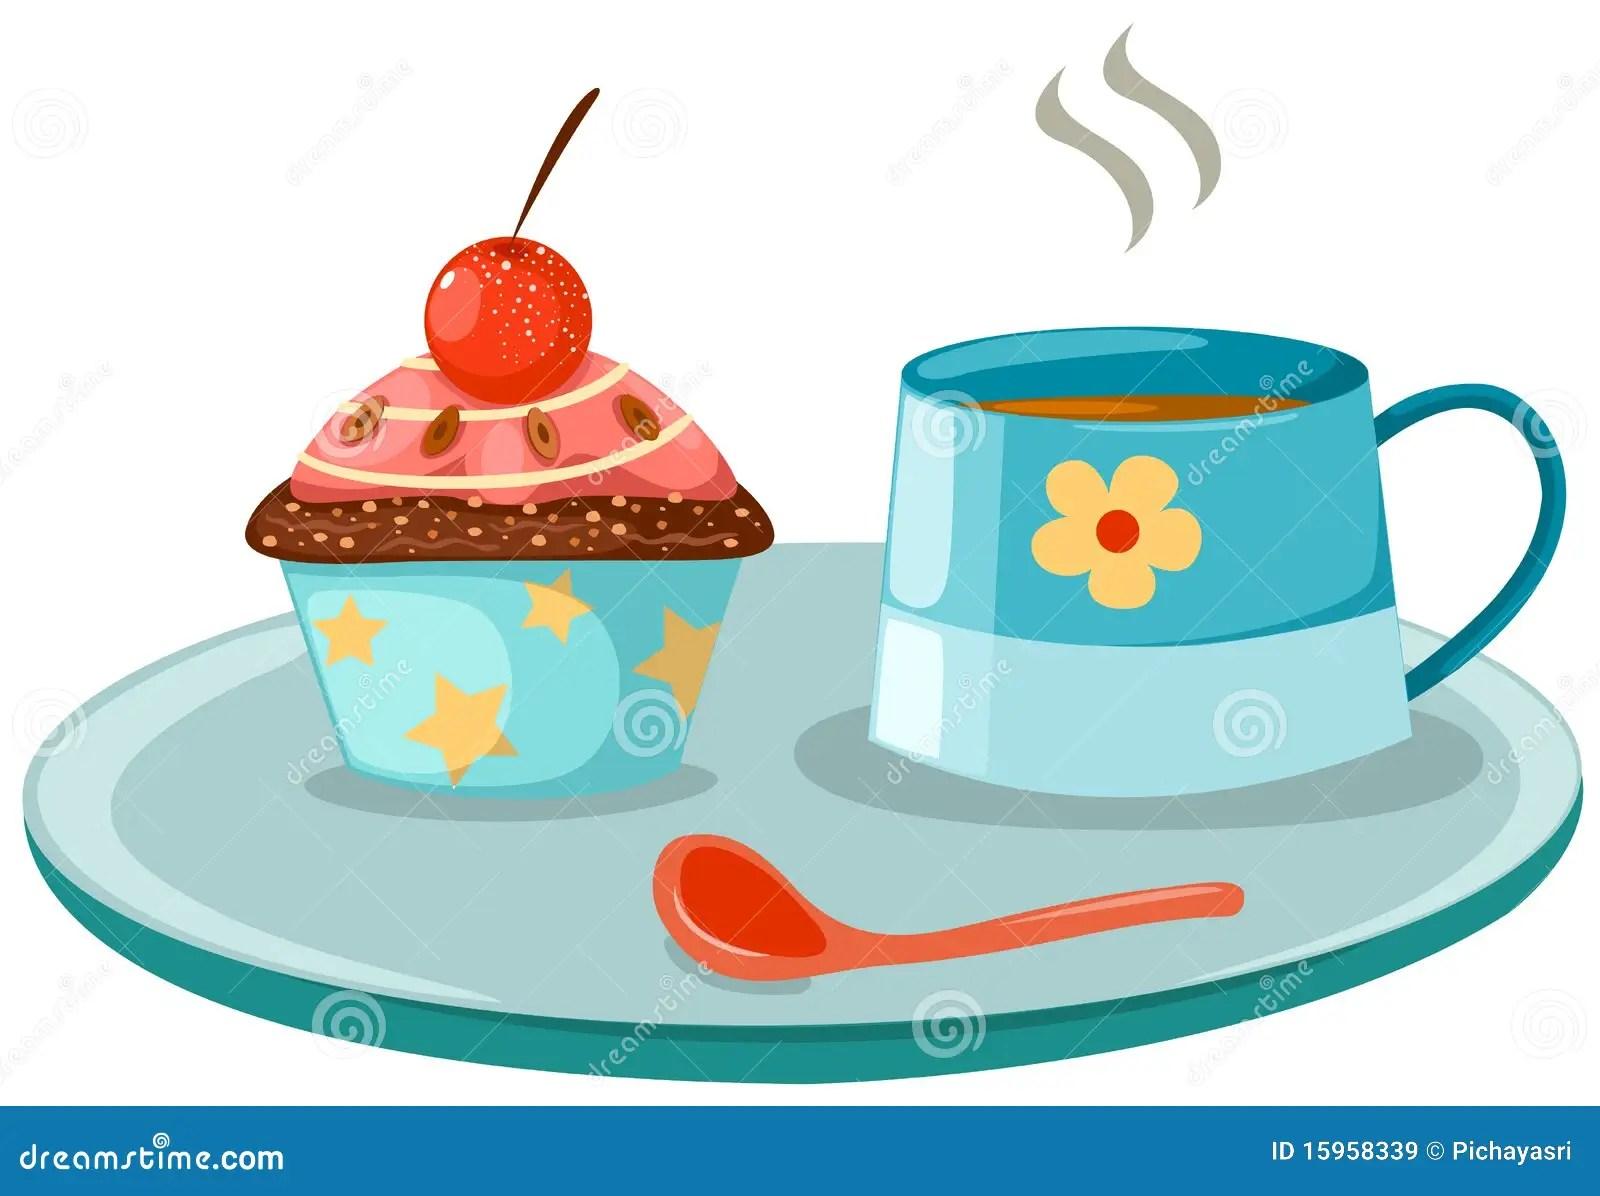 Bilder Kaffee Und Kuchen Kostenlos Kuche Clipart Kostenlos Einhorn